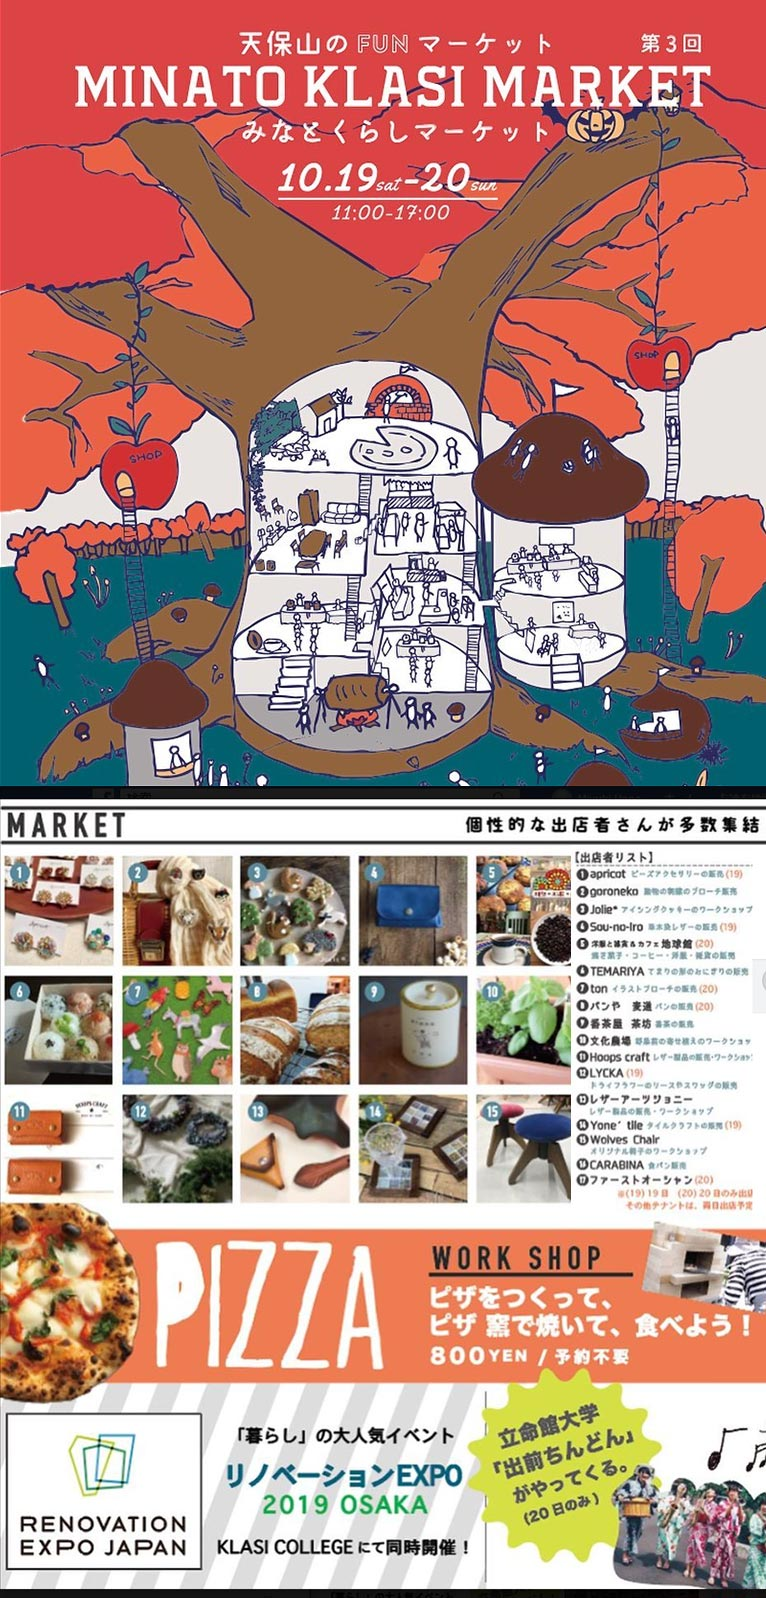 【文化農場ワークショップ&イベント販売】2019年10月19・20日大阪南港くらしカレッジ